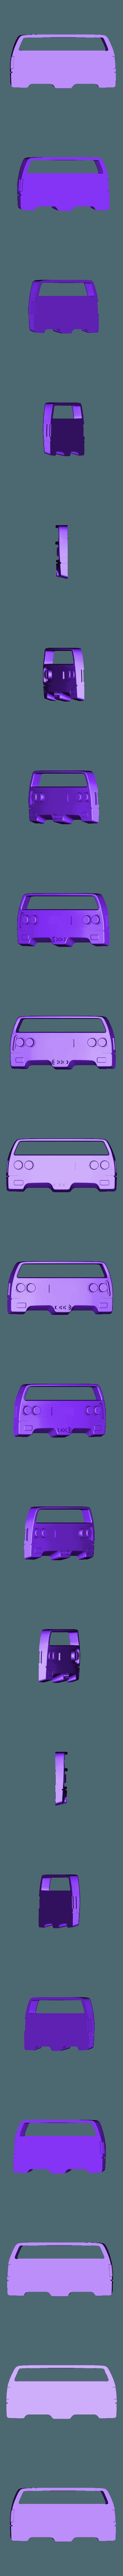 F40 1 (1).stl Download STL file Ferrari F40 1:28 Scale model OpenZ compatible (Chassis v4a) • 3D print design, guaro3d